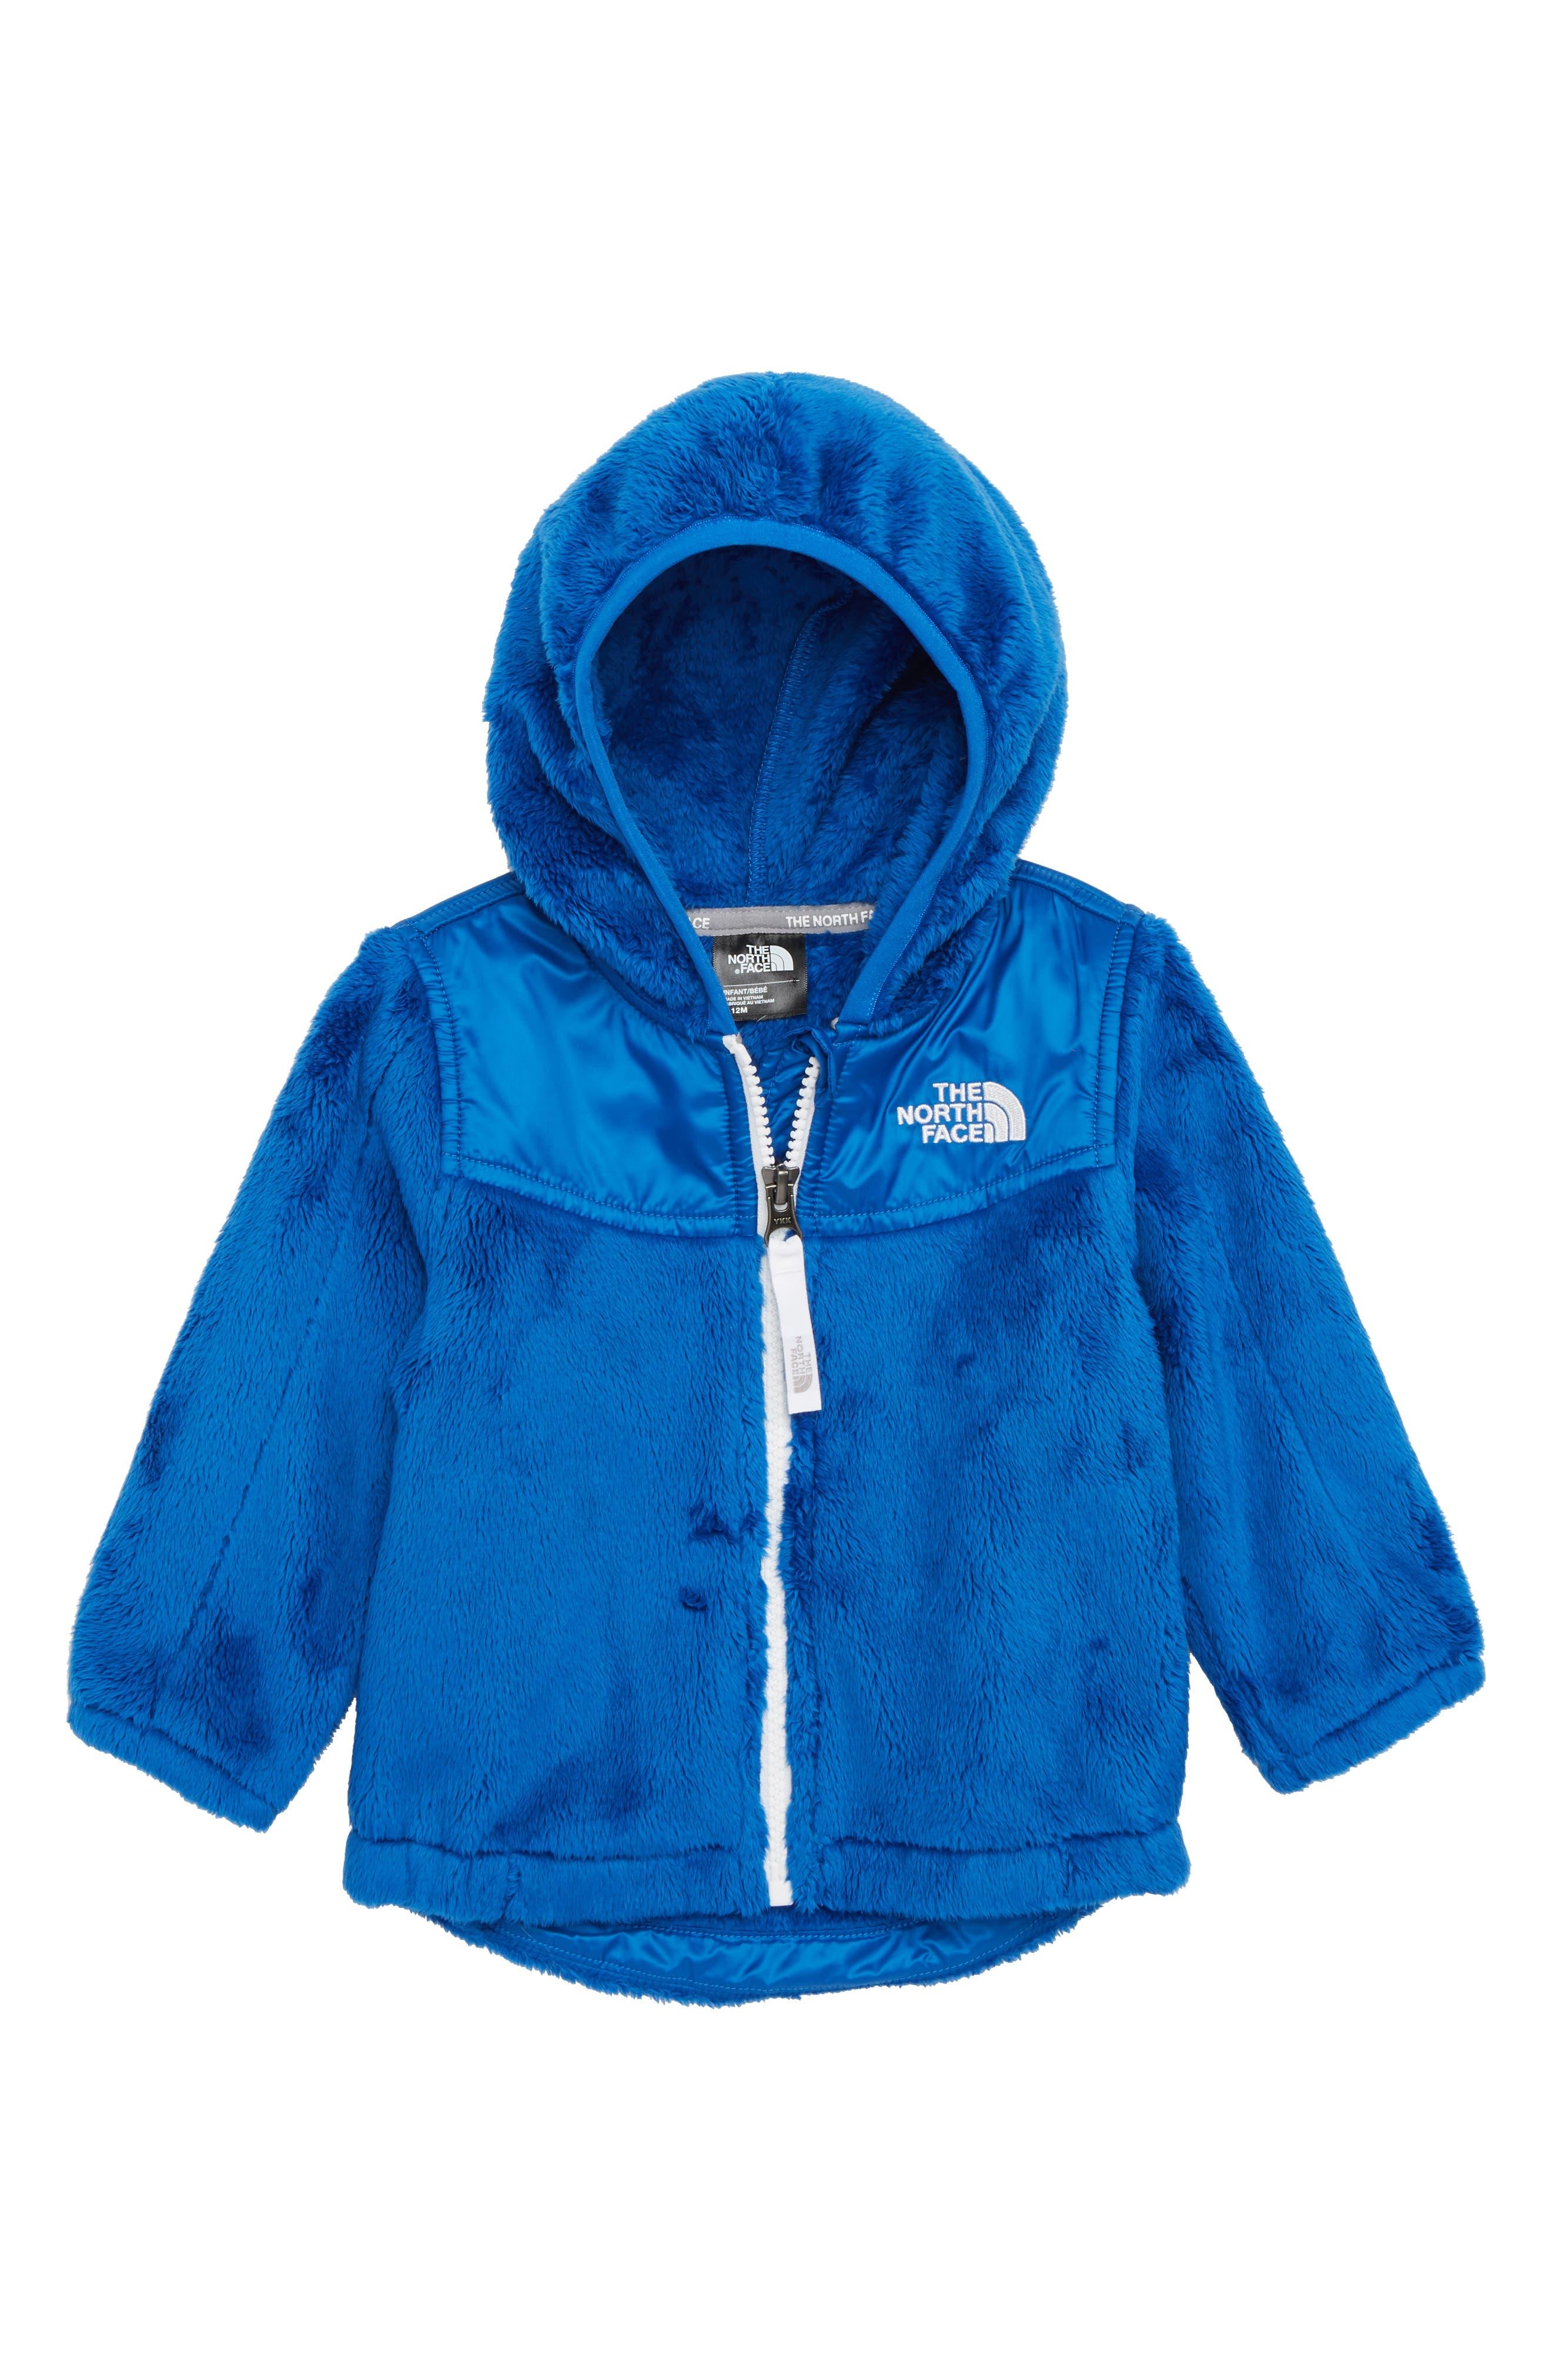 Oso Fleece Hooded Jacket,                         Main,                         color, 401